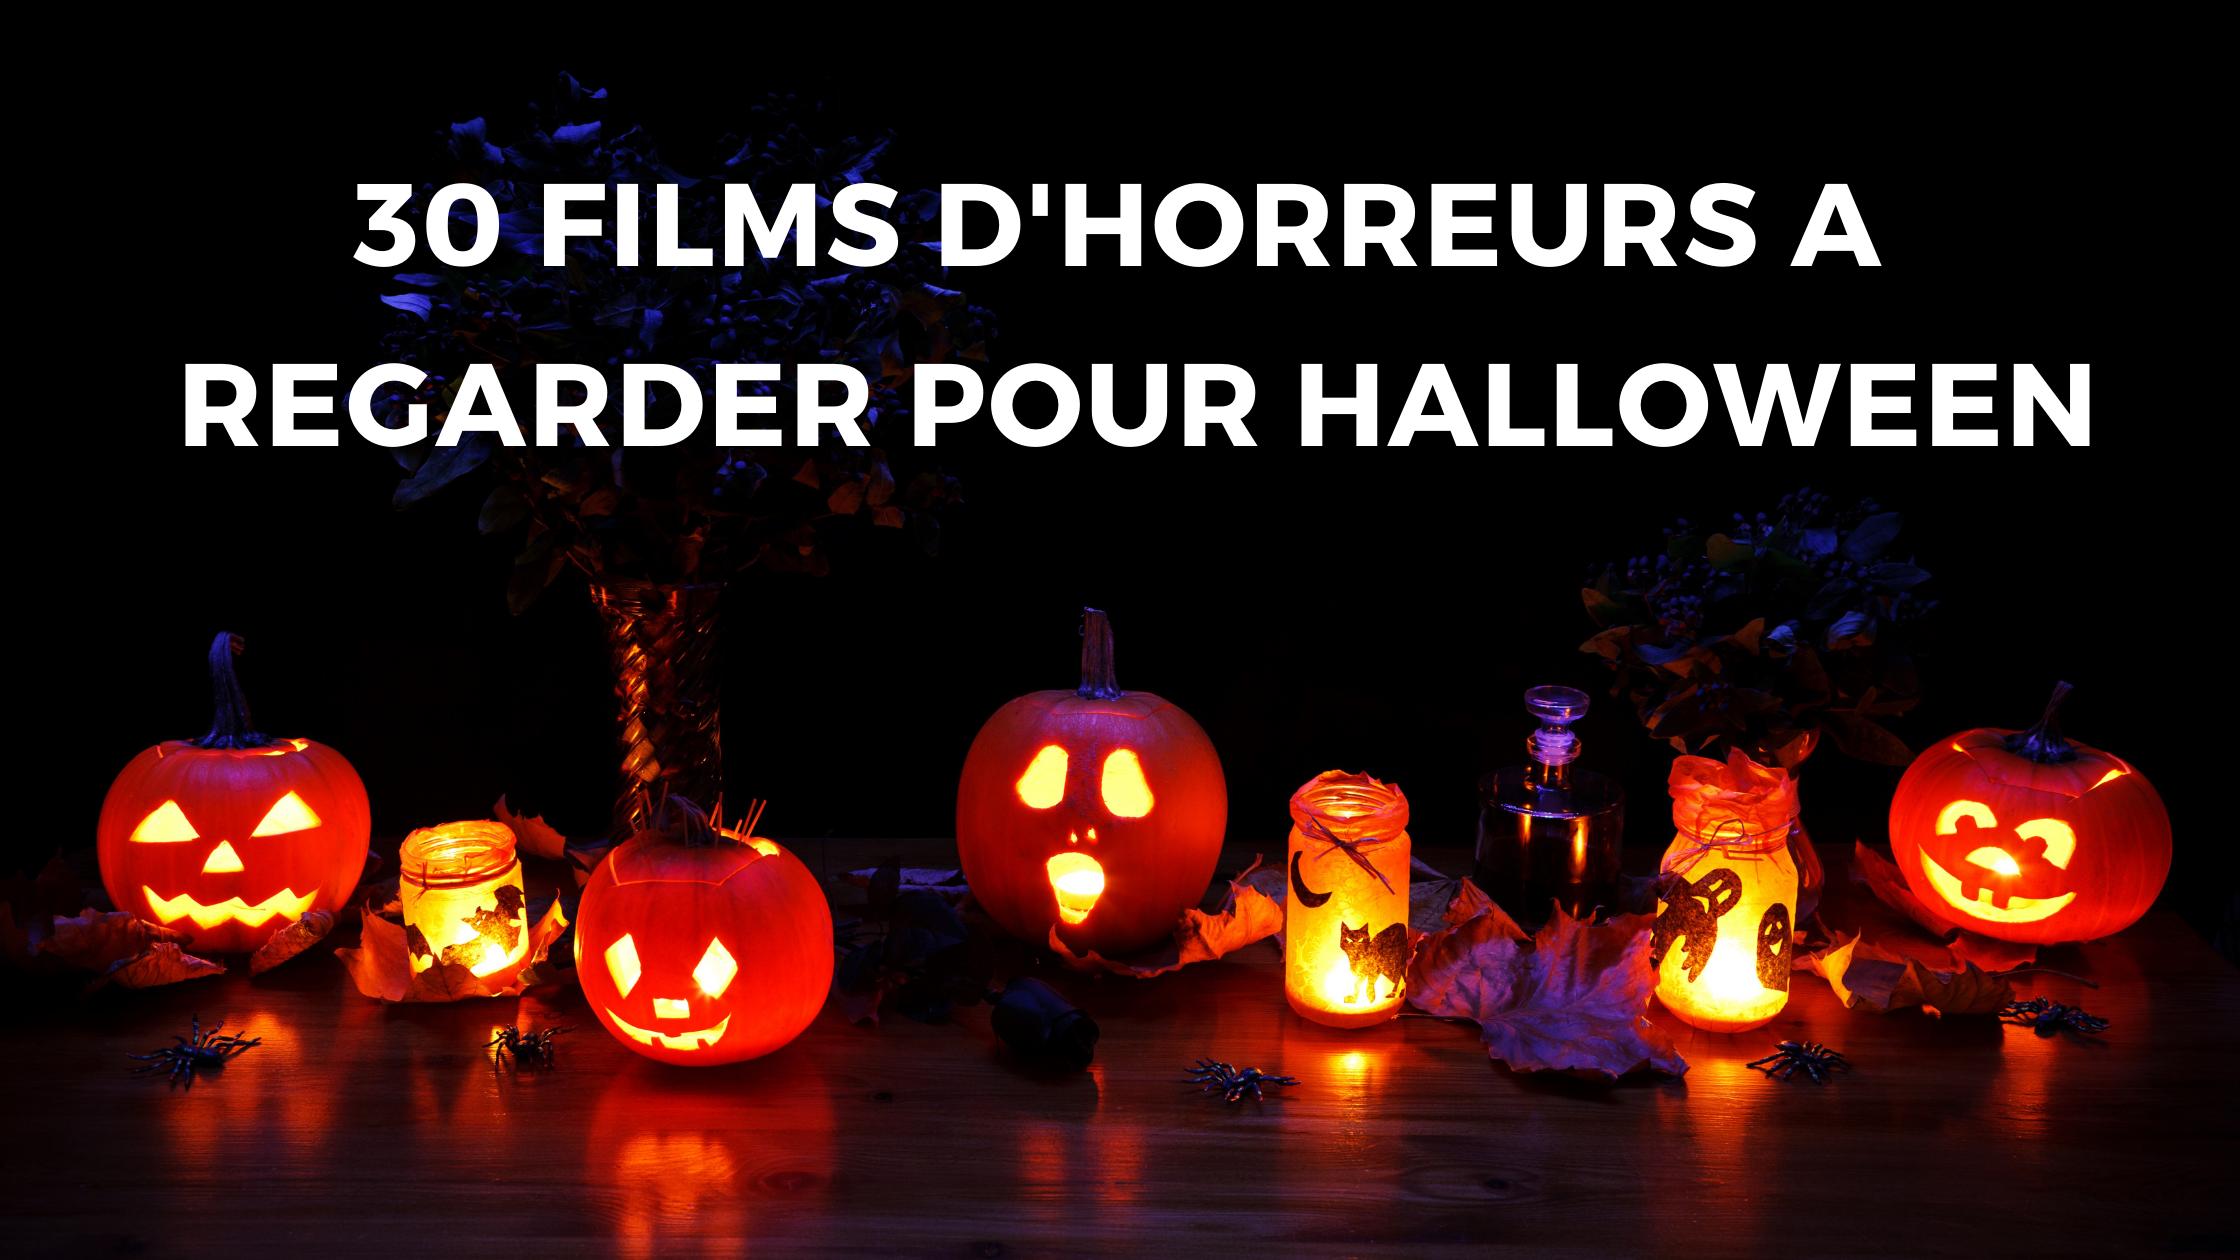 Les 30 meilleurs films d'horreurs à regarder pour Halloween